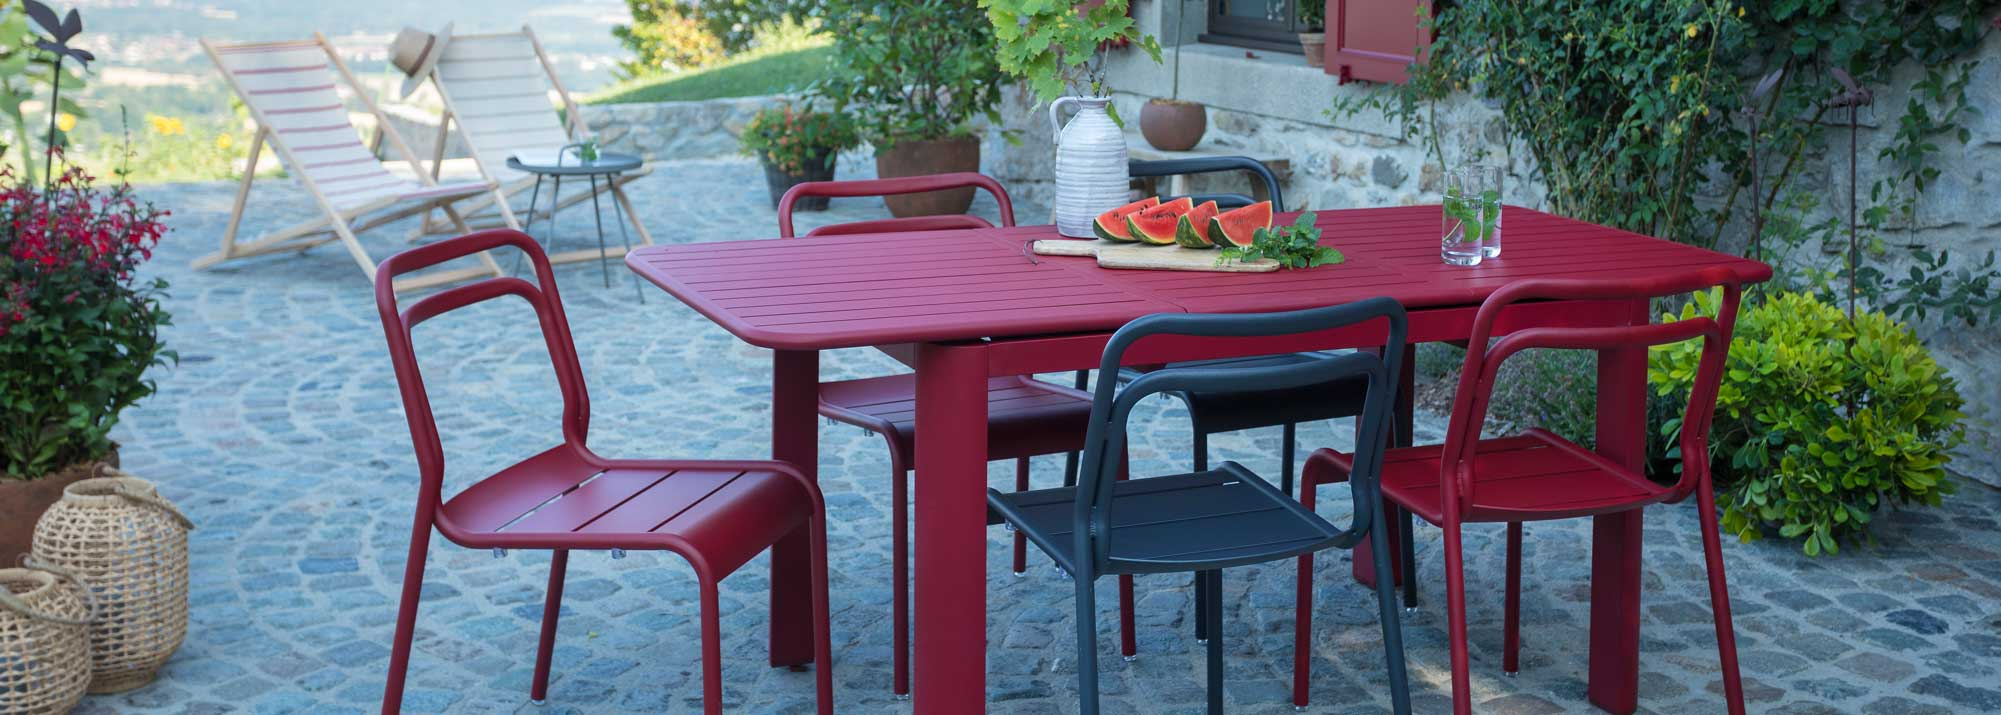 Table De Jardin : Botanic®, Tables De Jardin En Aluminium ... dedans Salon De Jardin Métal Coloré